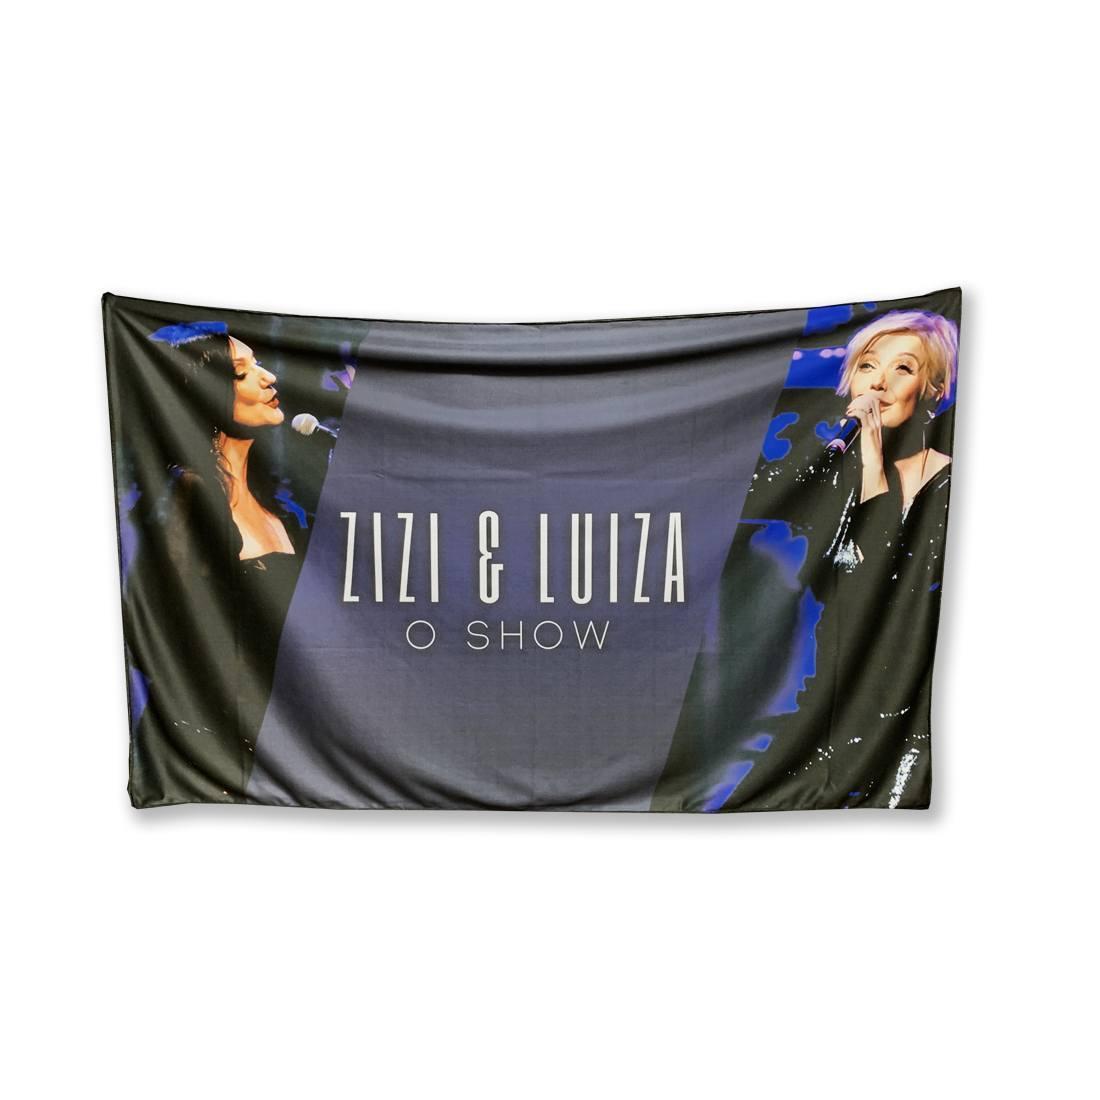 Canga Zizi e Luiza Possi - Mãe e Filha - O Show